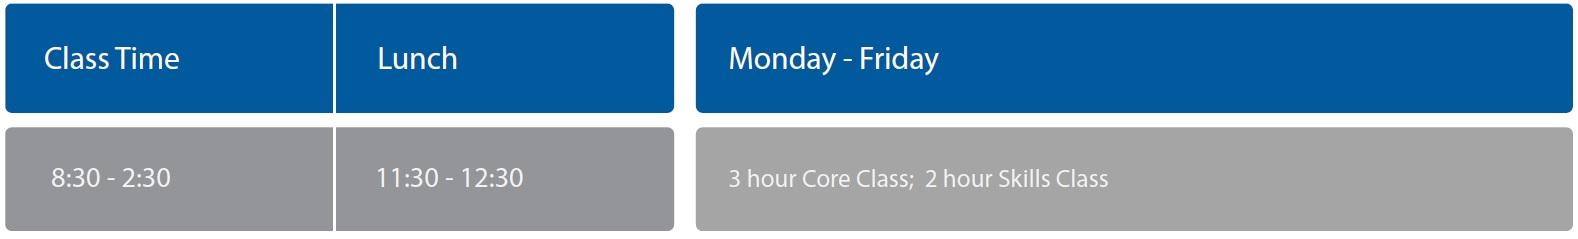 Cambridge timetable